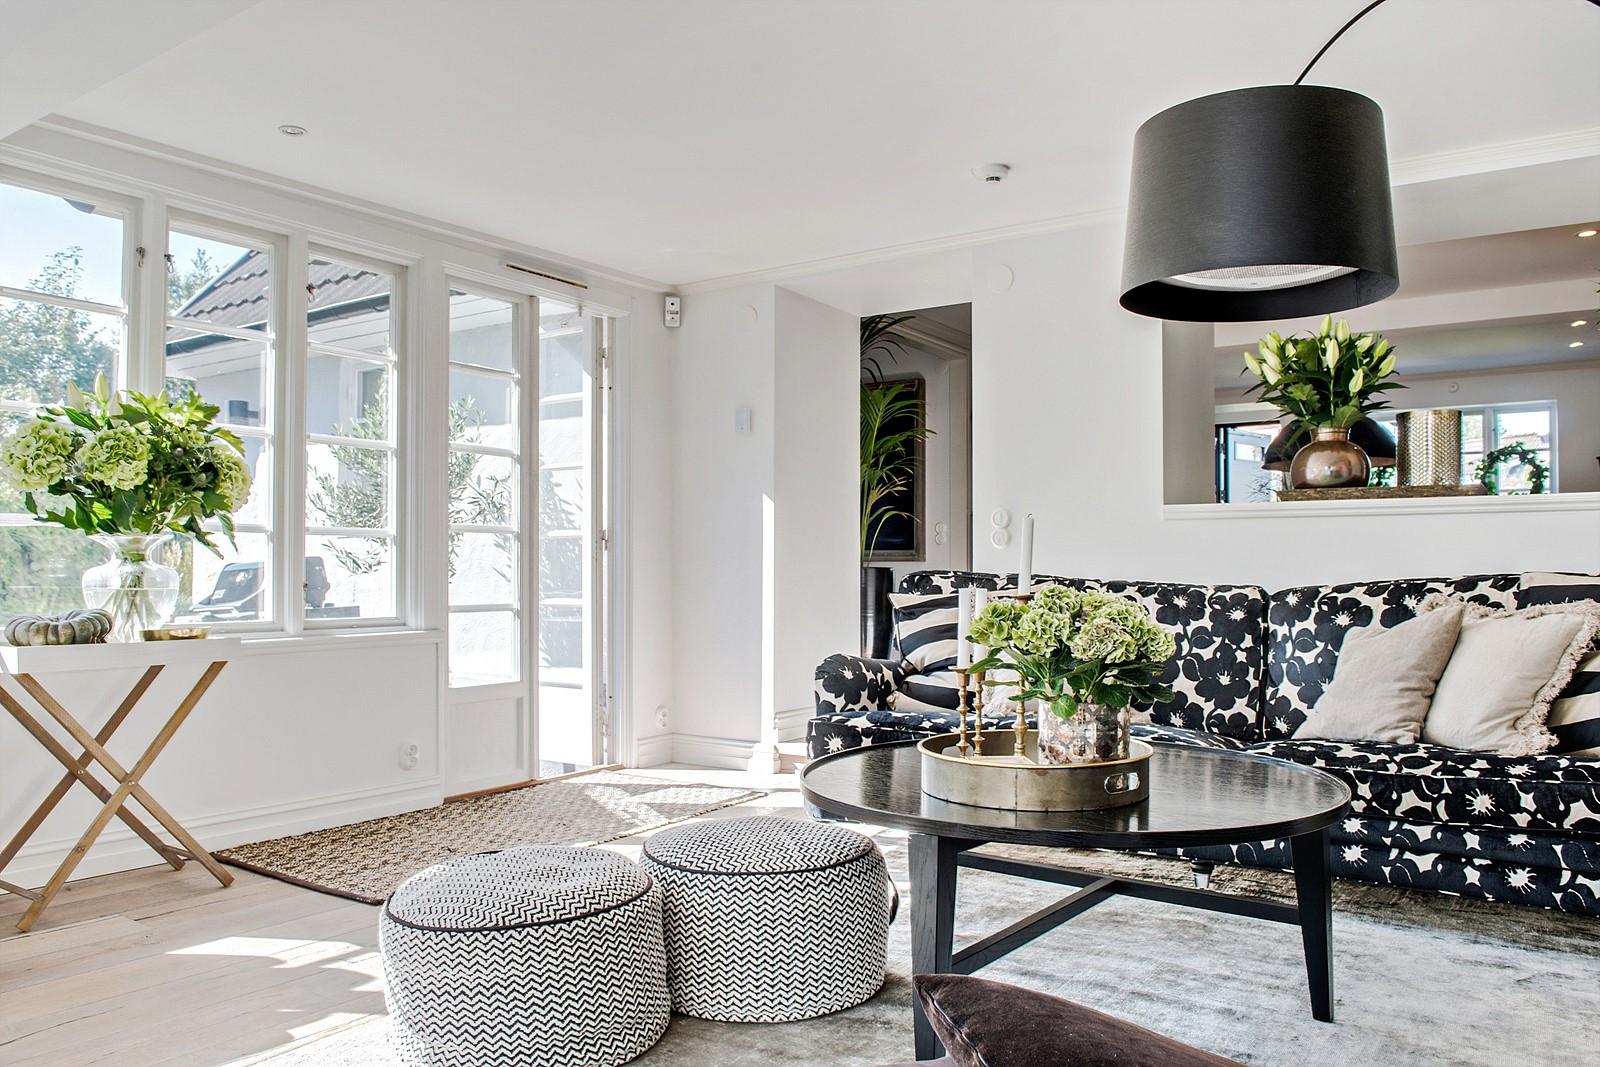 диван круглый столик пуф ваза цветы французские двери выход на террасу